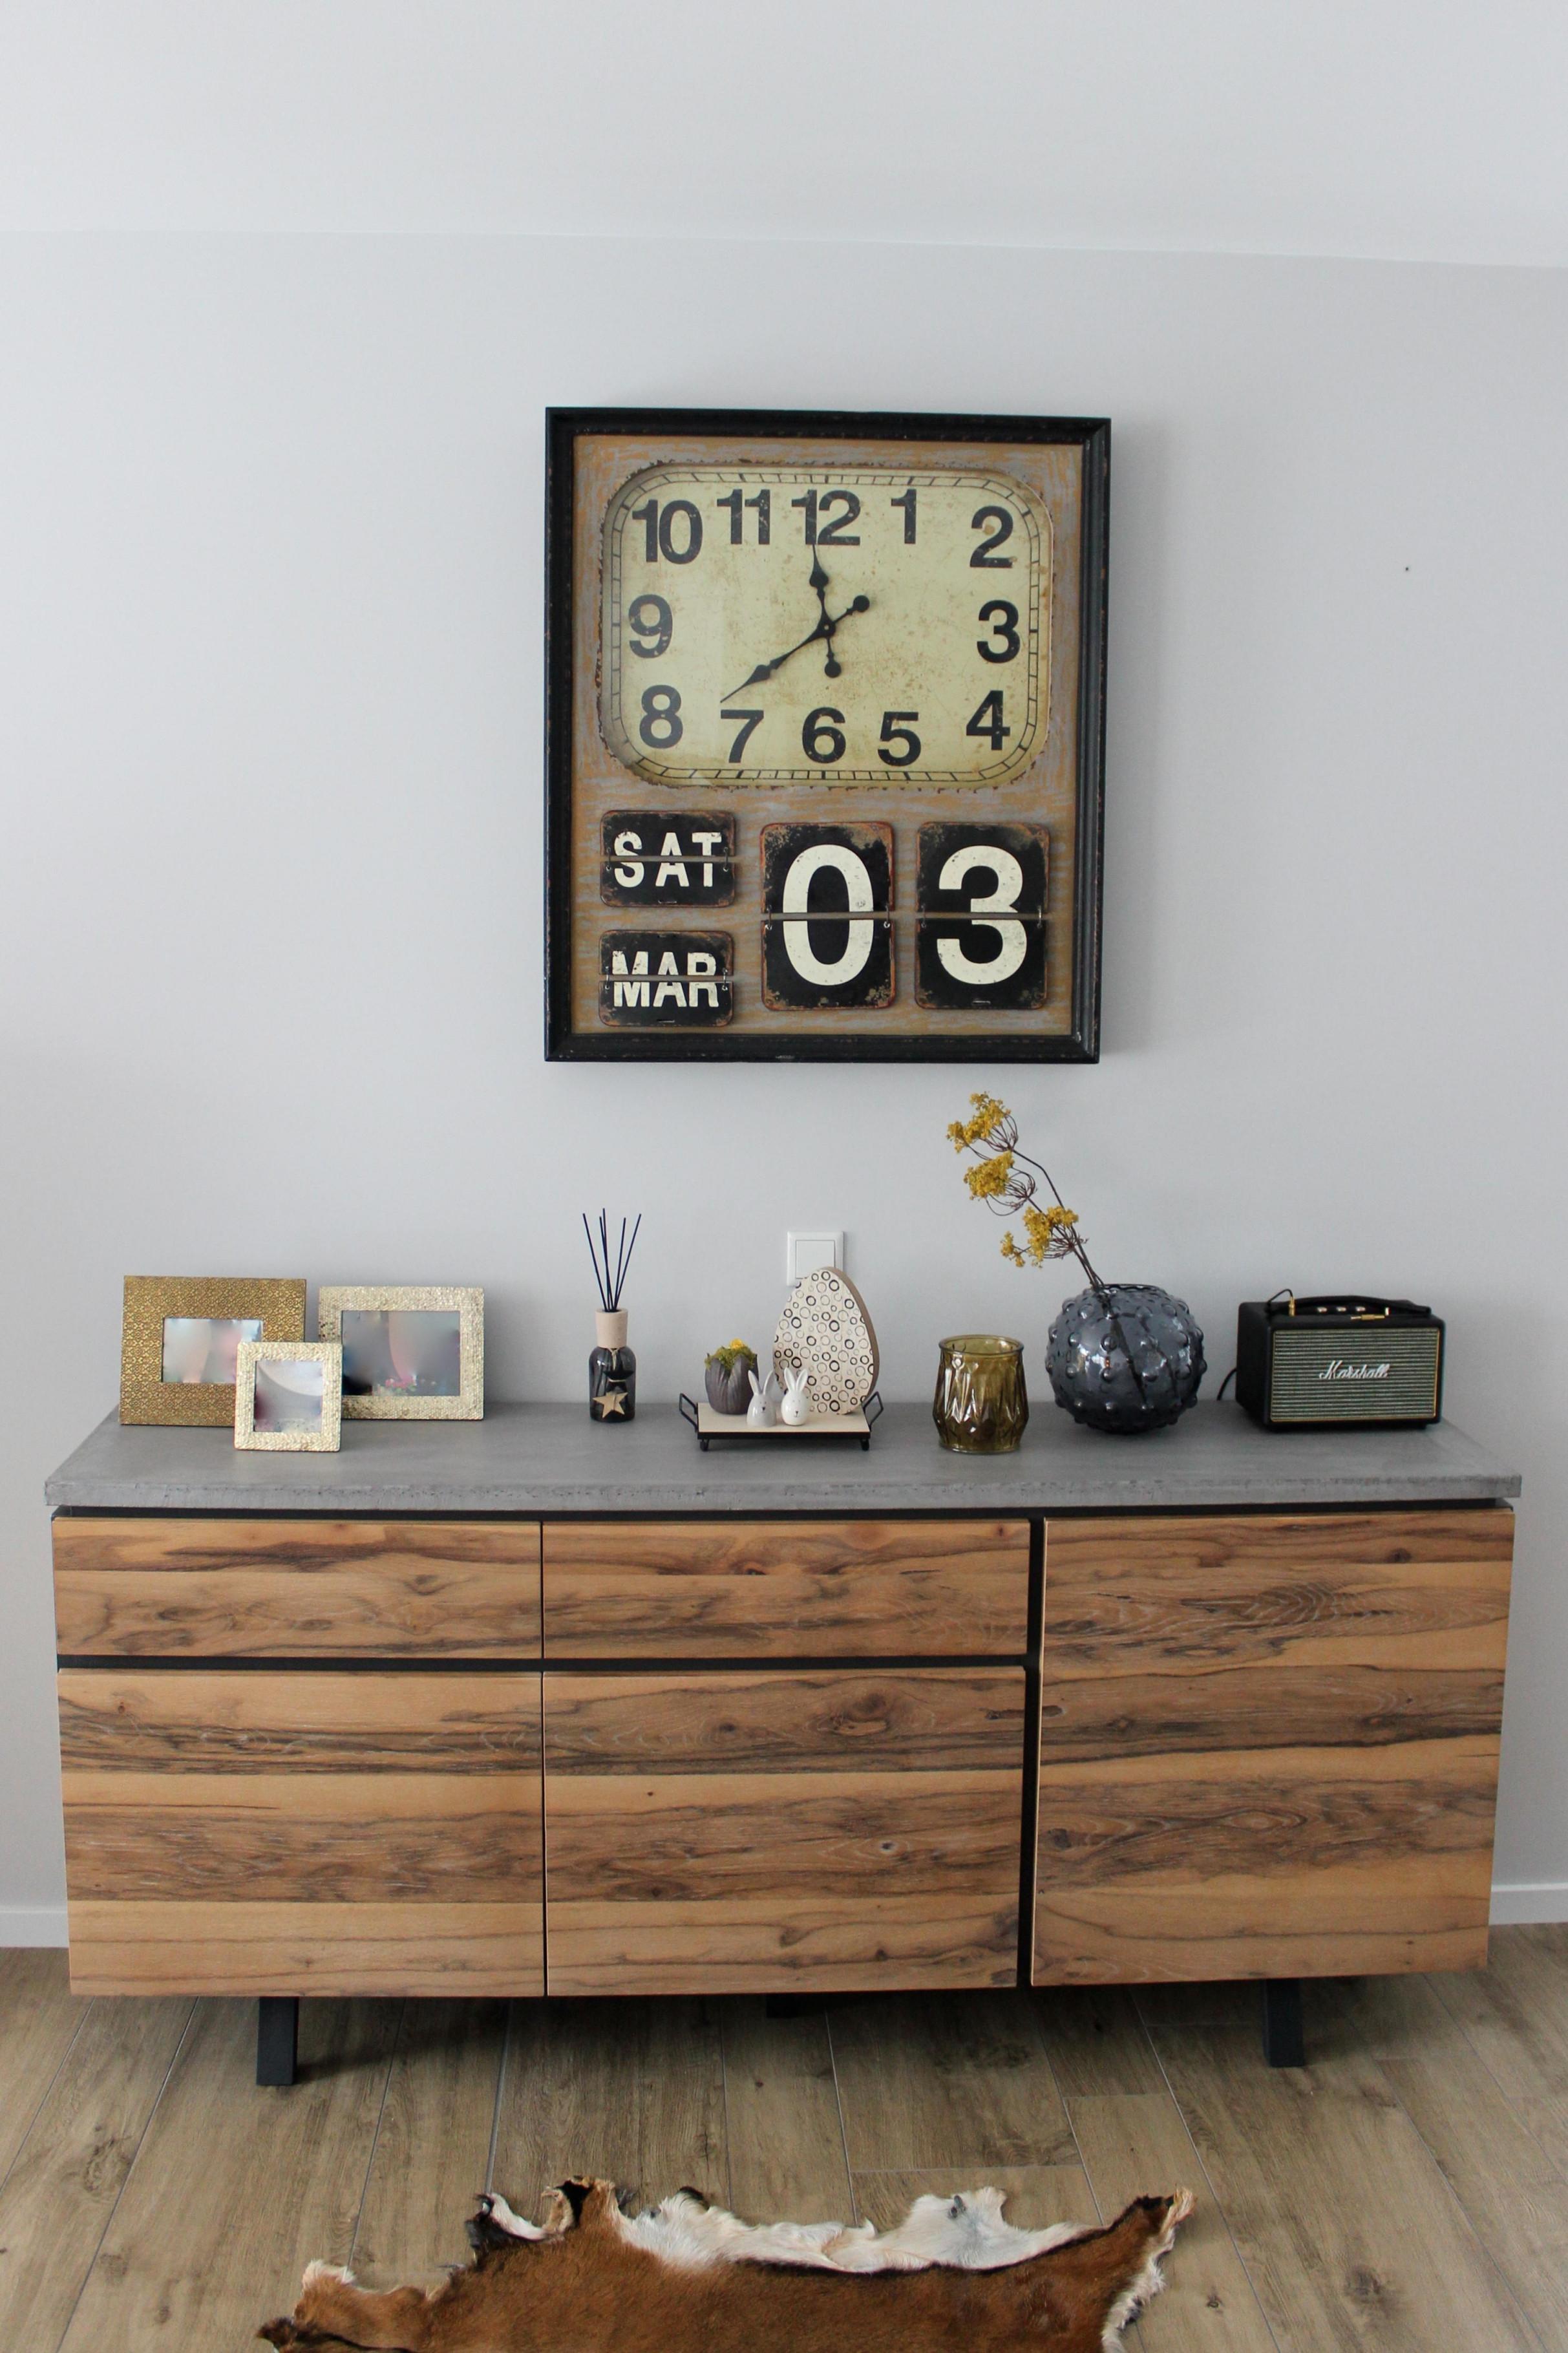 Wohnzimmer Sideboard Dekorieren – Caseconrad von Deko Sideboard Wohnzimmer Photo